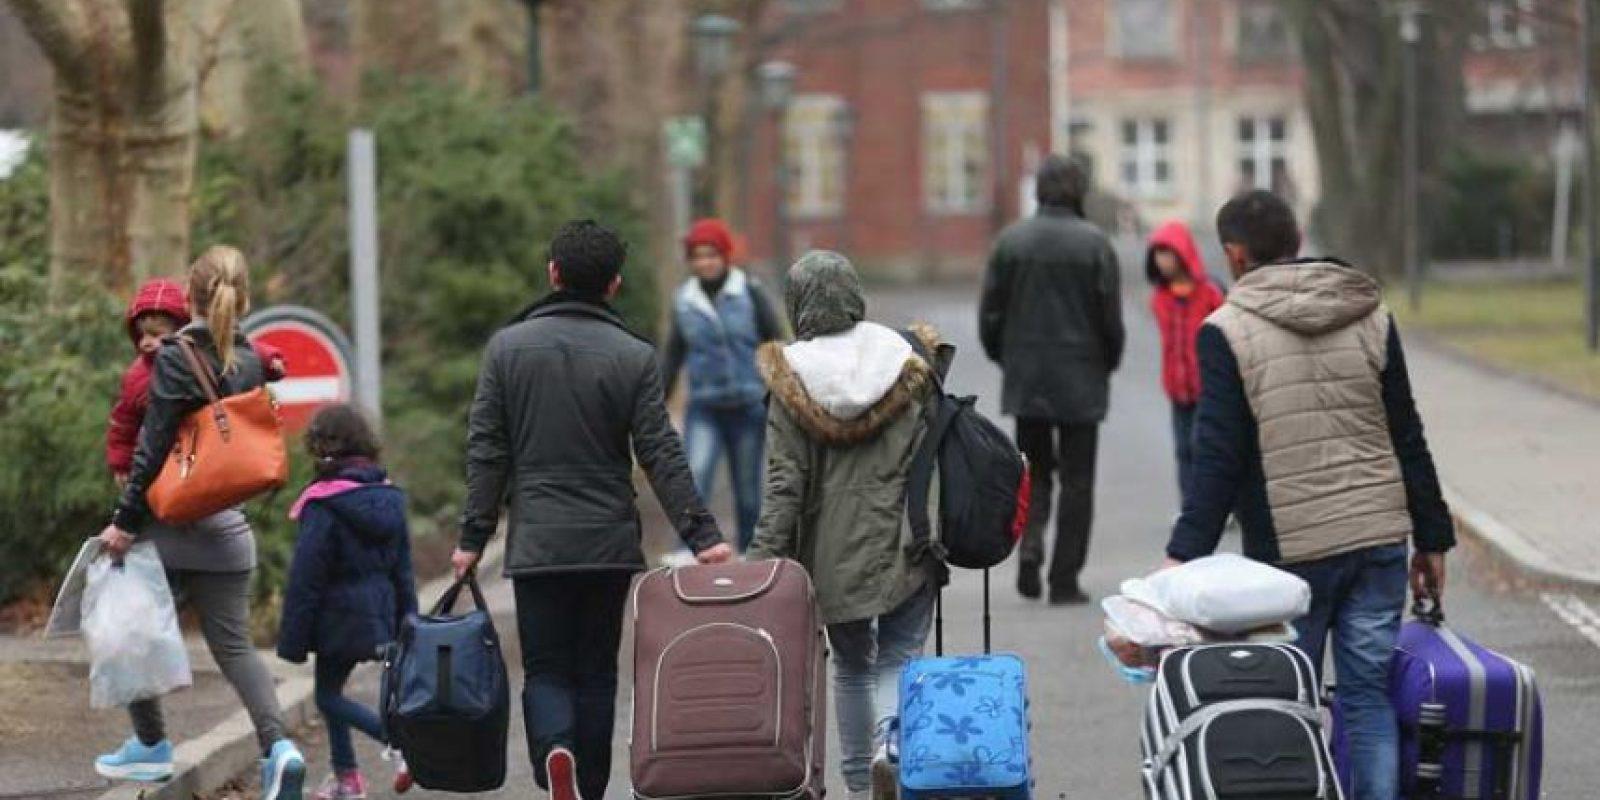 Según cifras de ACNUR, en 2015 la cifra de desplazados en todo el mundo era de 65 millones.